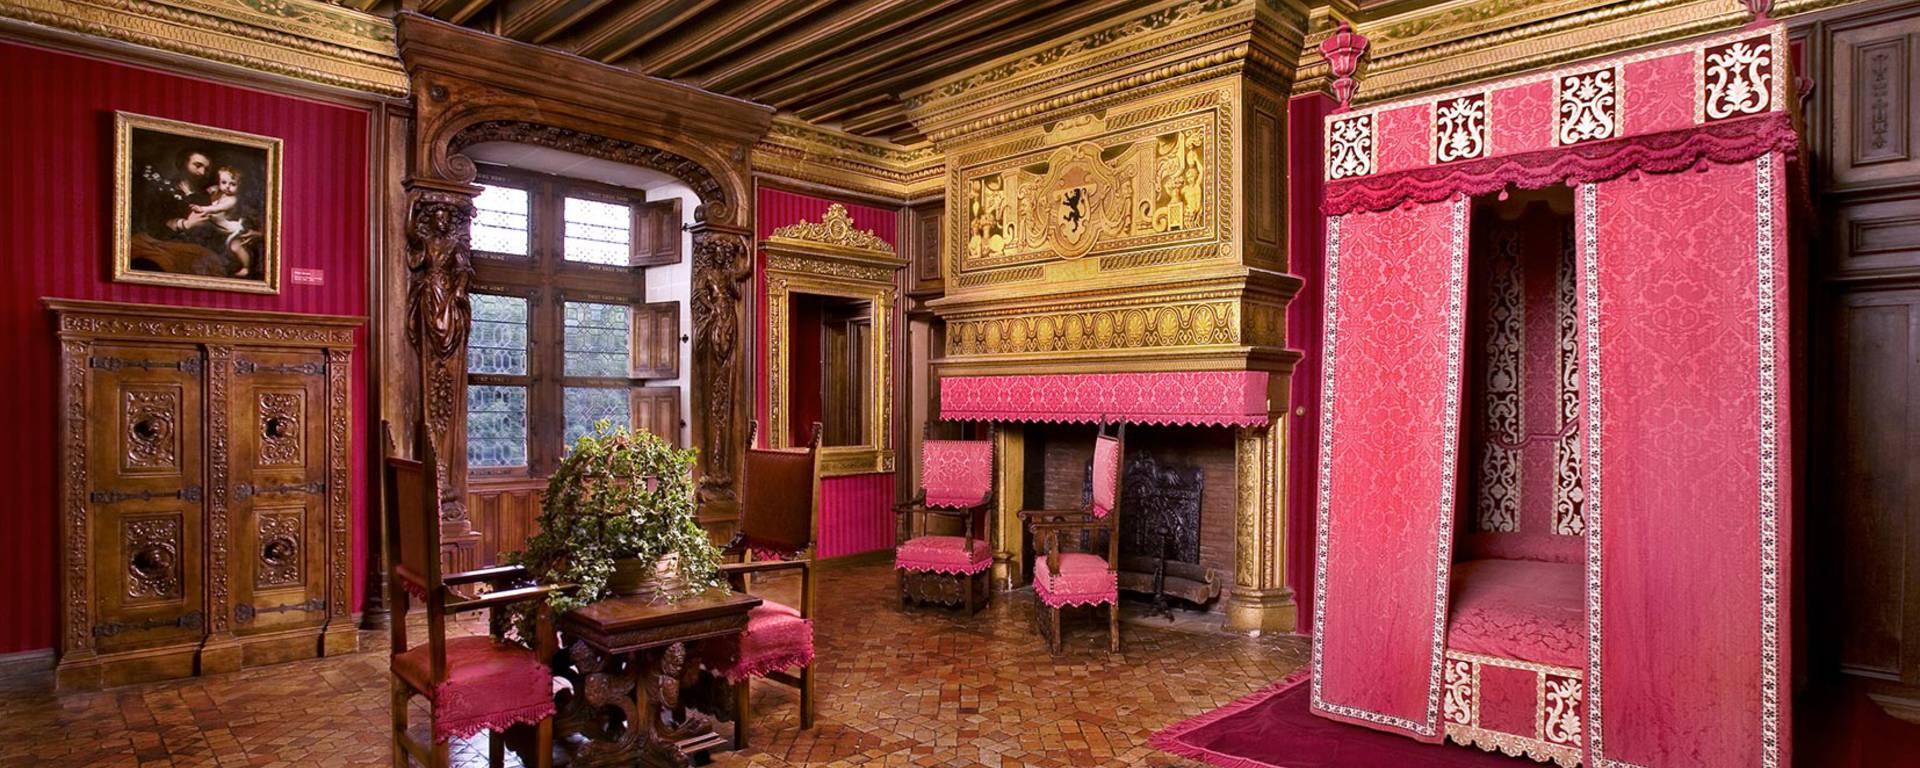 Das Innere von Schloss Chenonceau